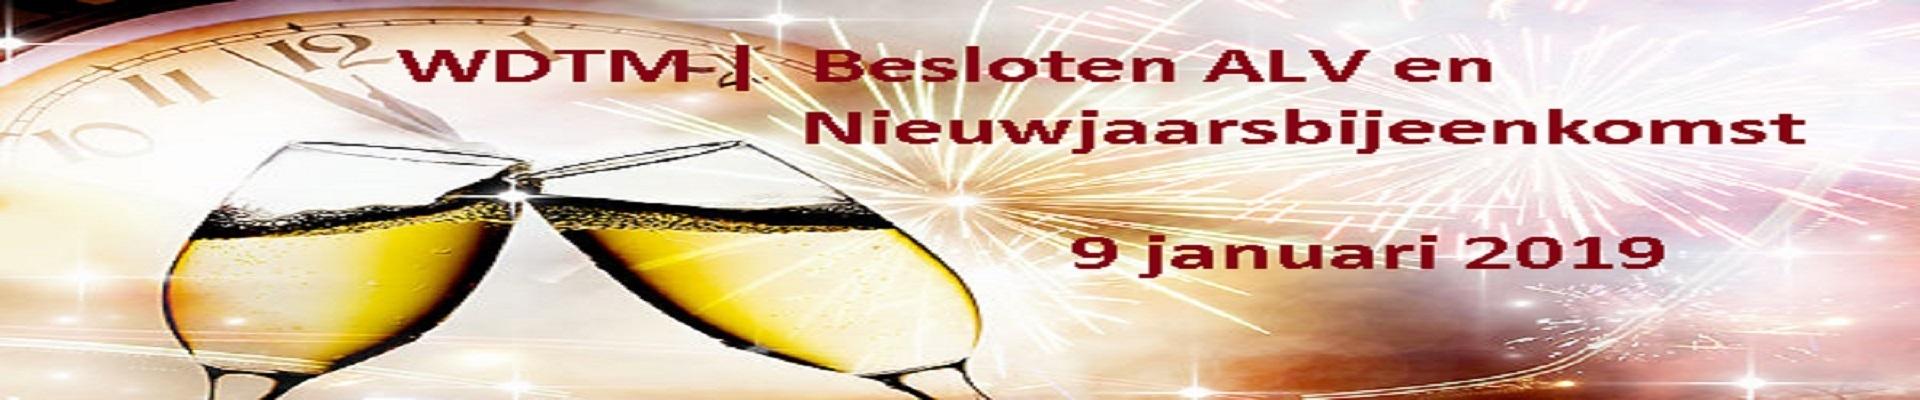 WDTM Besloten ALV (BALV) en Nieuwjaarsbijeenkomst - 9 januari 2019